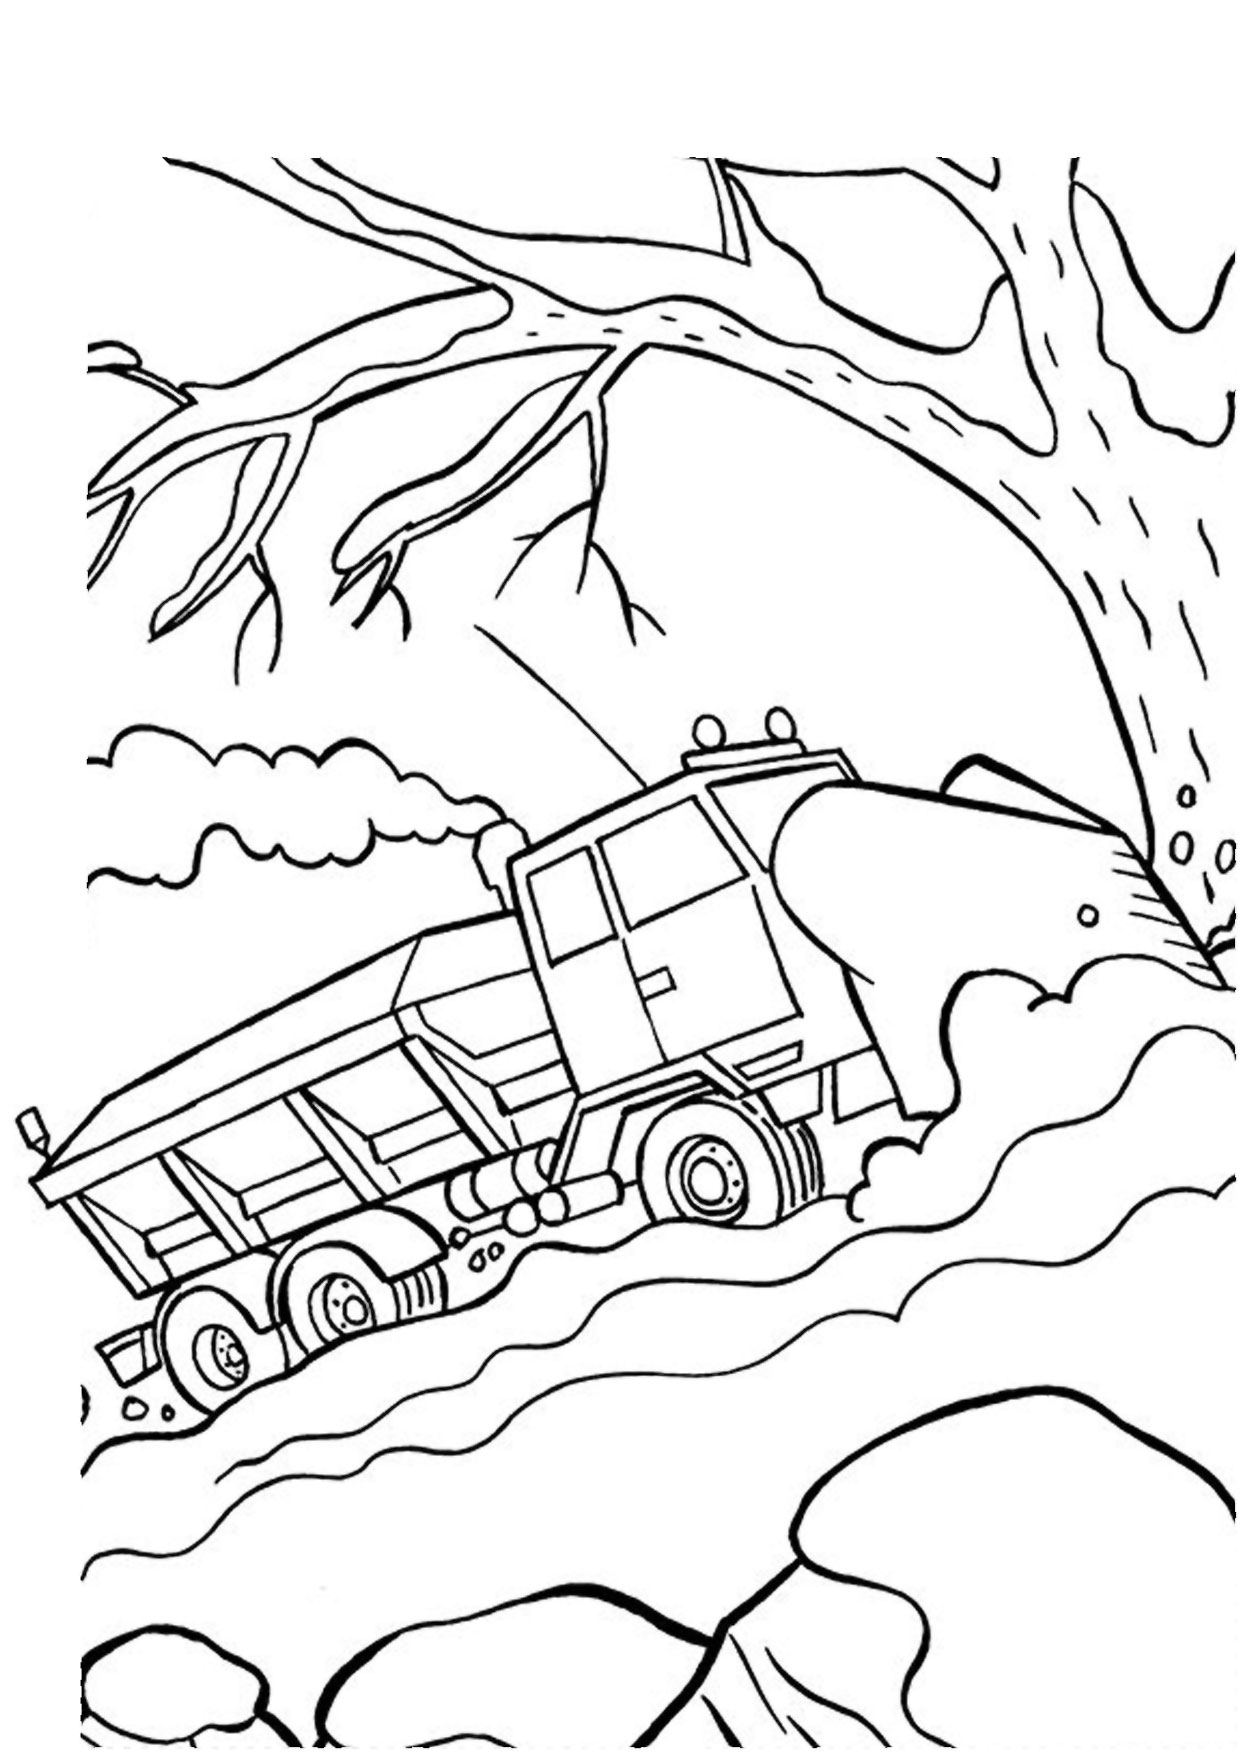 Disegno di camion da colorare 42